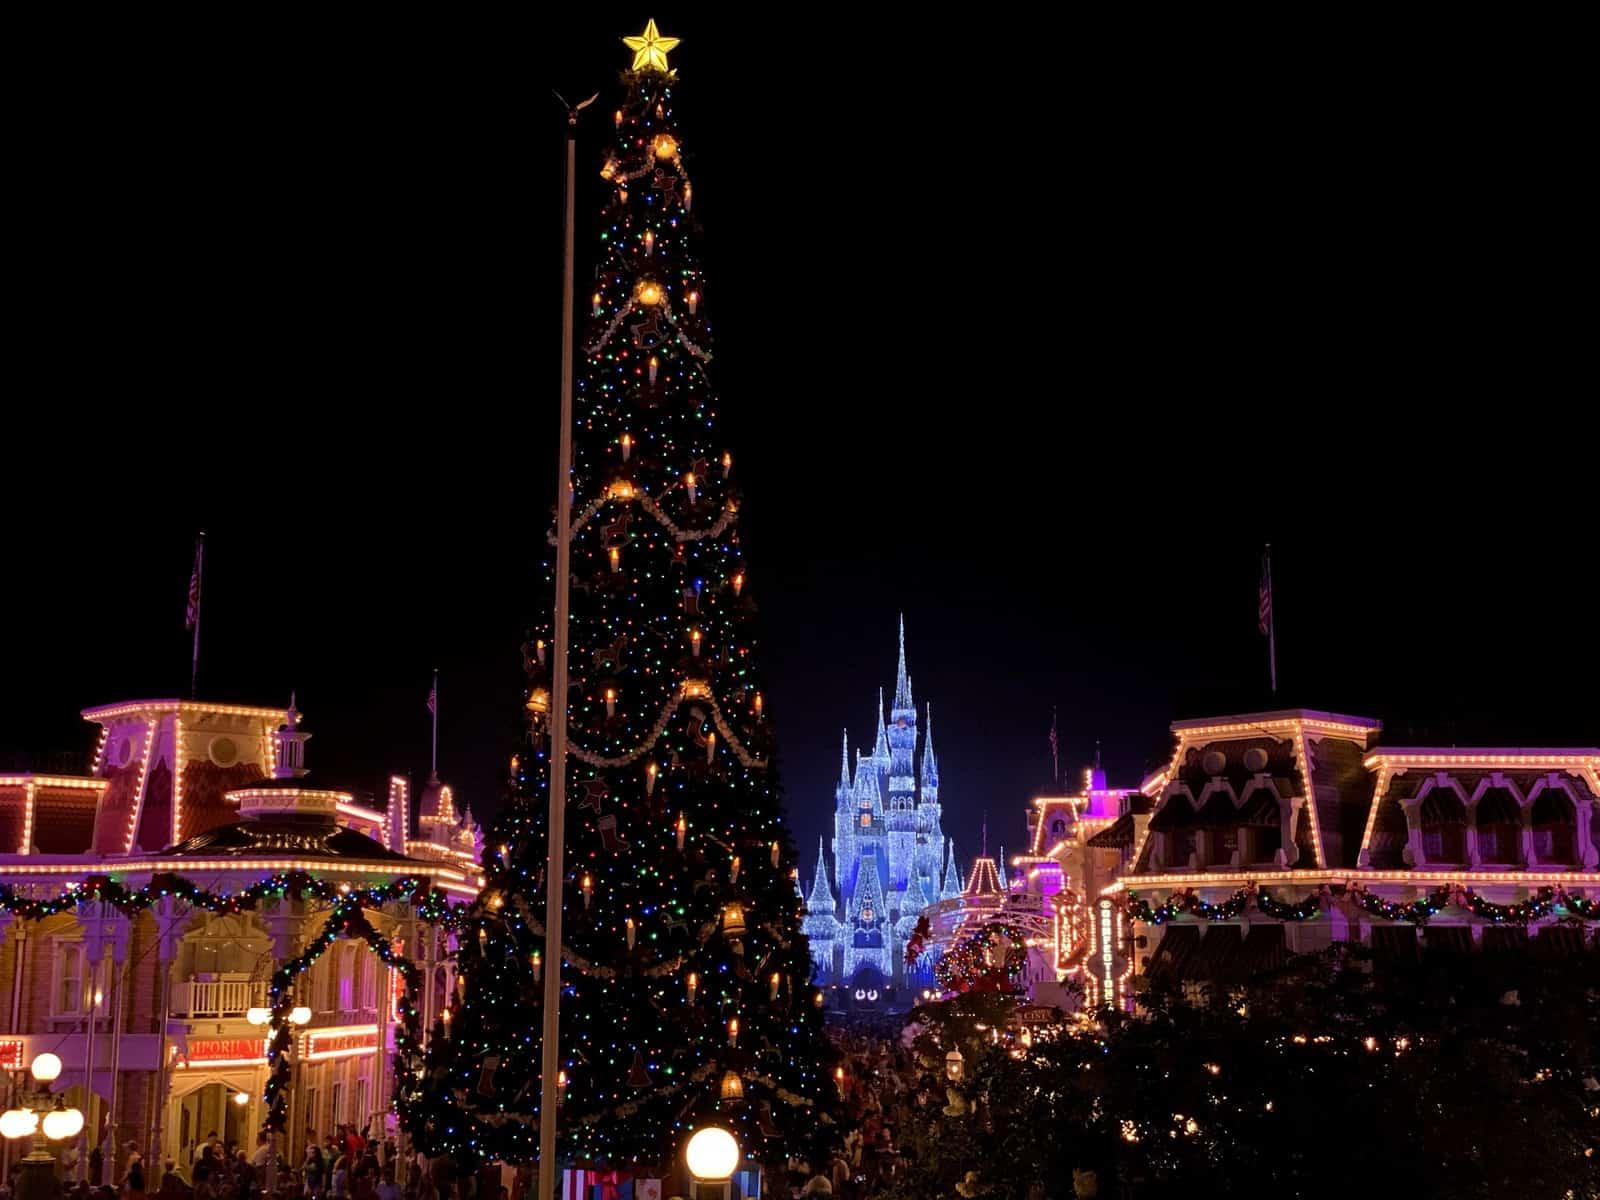 Christmas at Magic Kingdom